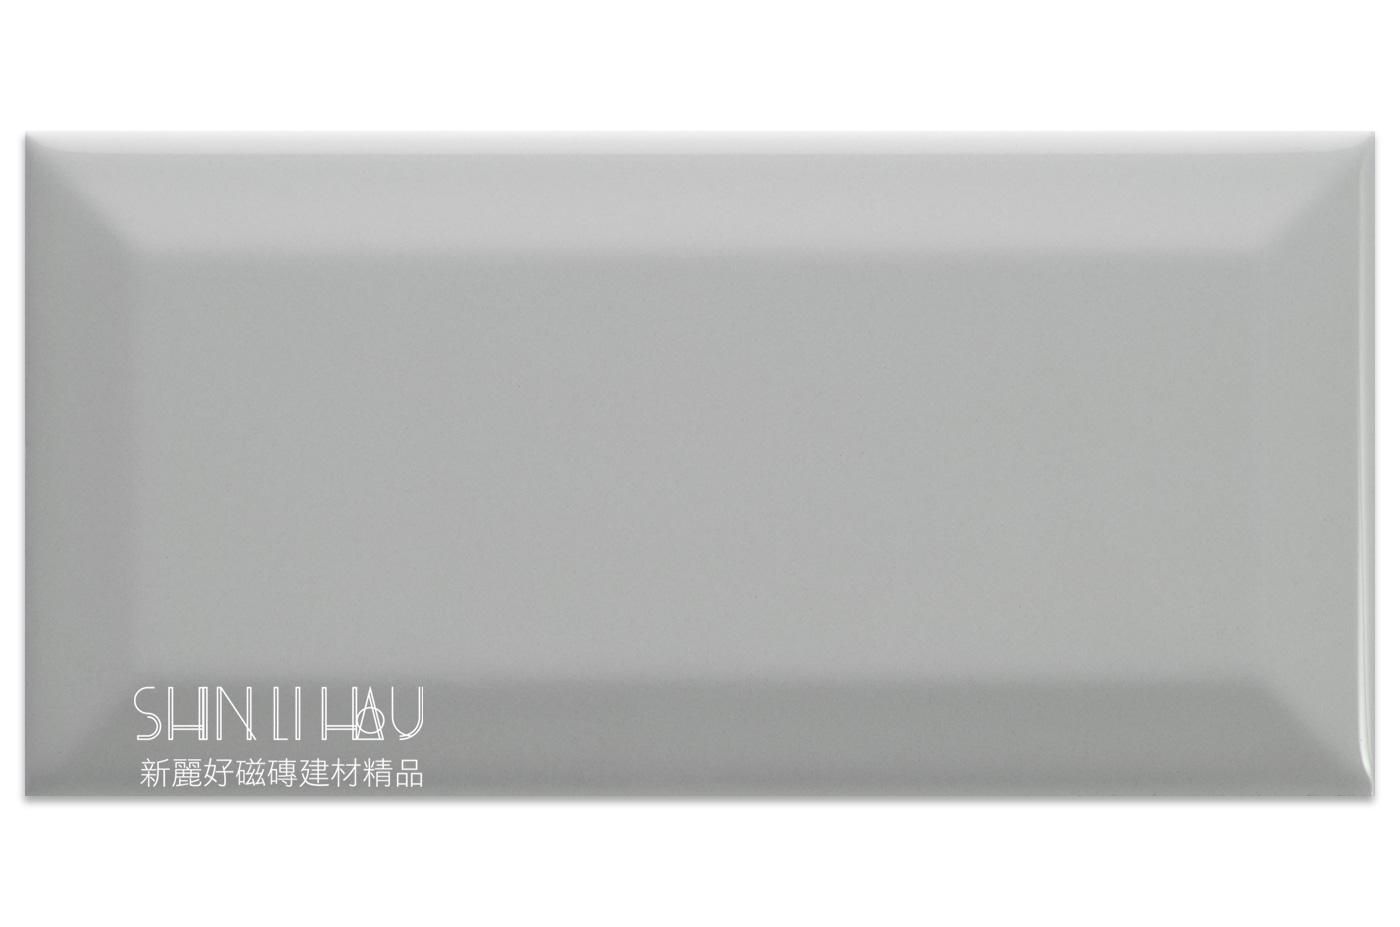 原萃地鐵磚-色彩飽滿亮色19色,來自歐洲的原創地鐵磚! - 亮淺灰